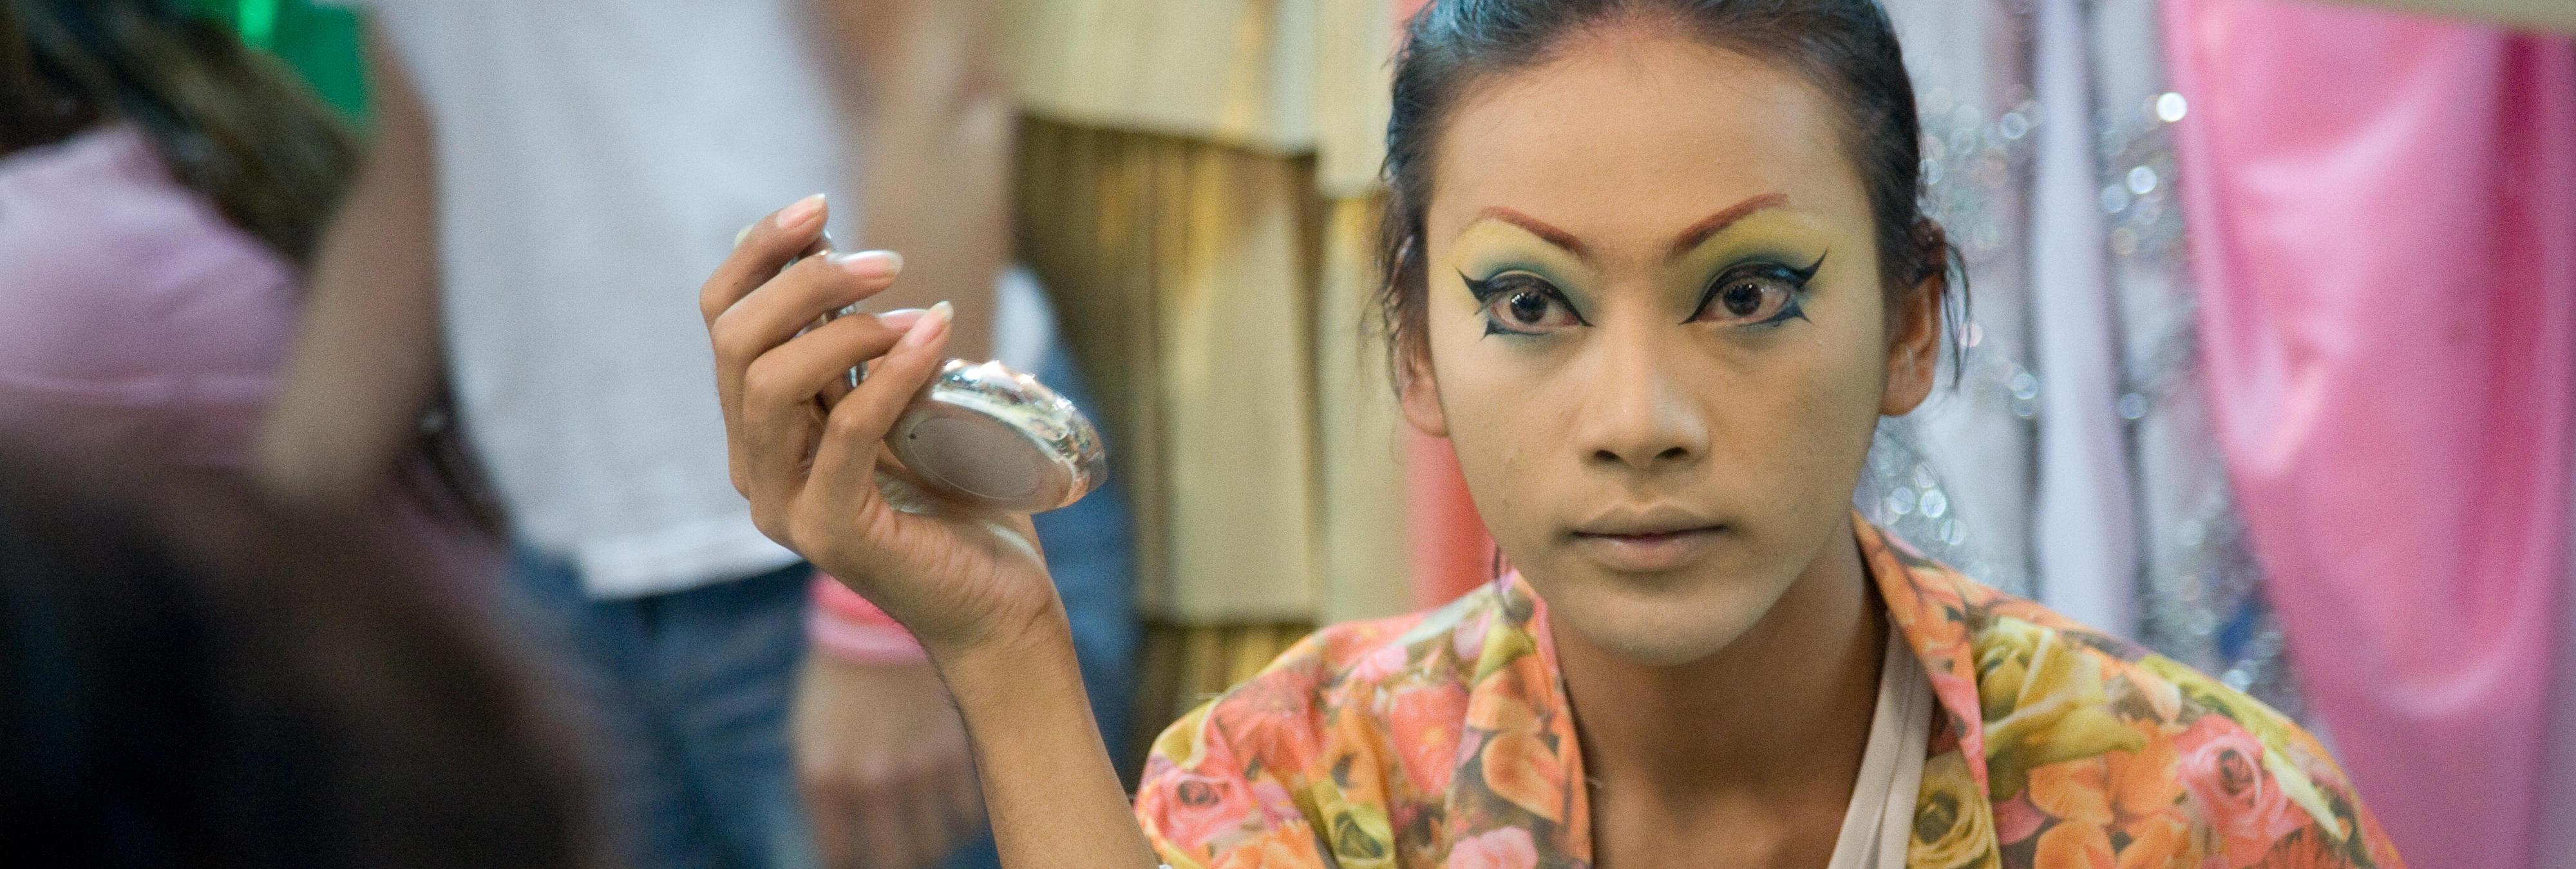 Detienen a doce mujeres trans en Indonesia, las rapan y las desnudan en plena calle